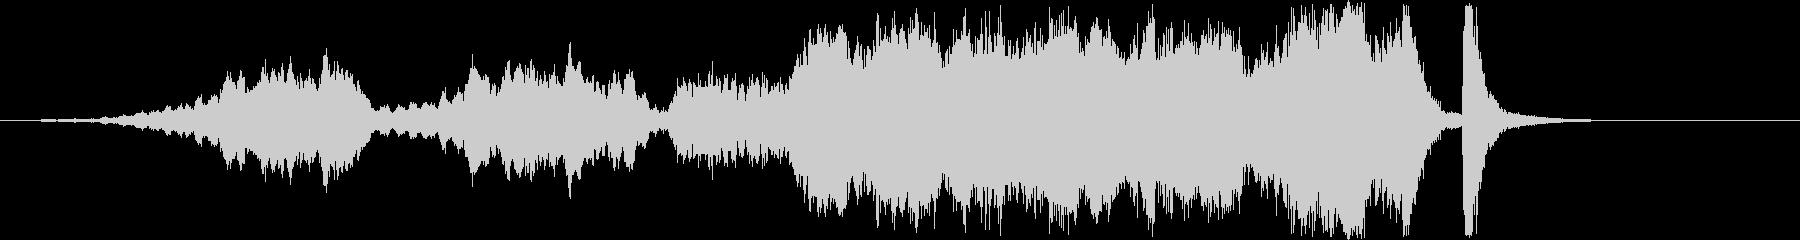 禿山の一夜/ムソルグスキー 冒頭部分の未再生の波形